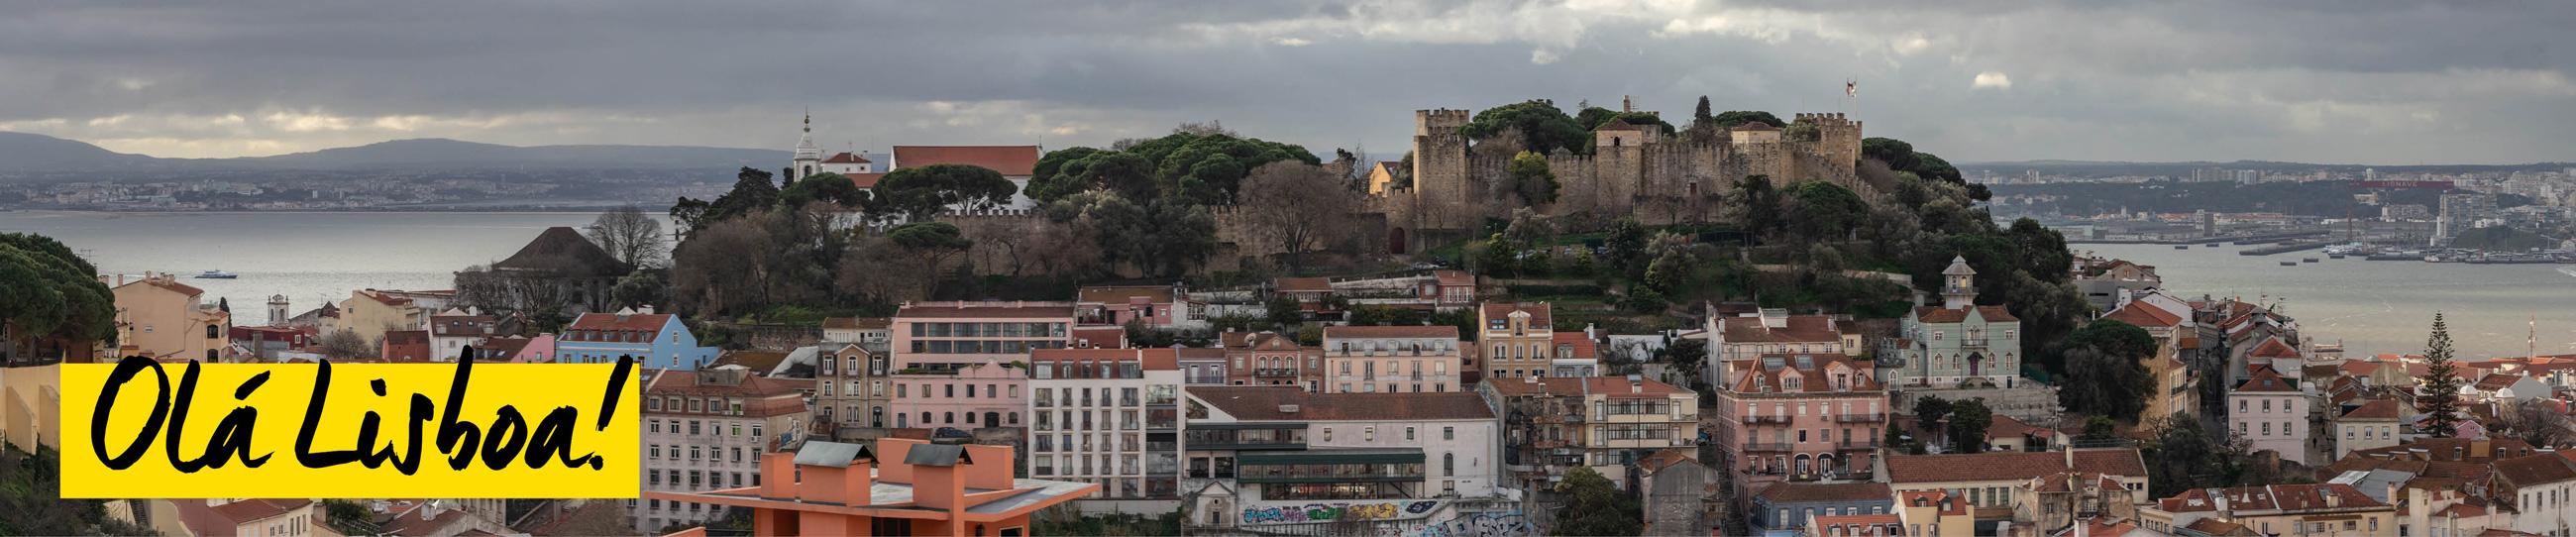 Fotoreise nach Lissabon